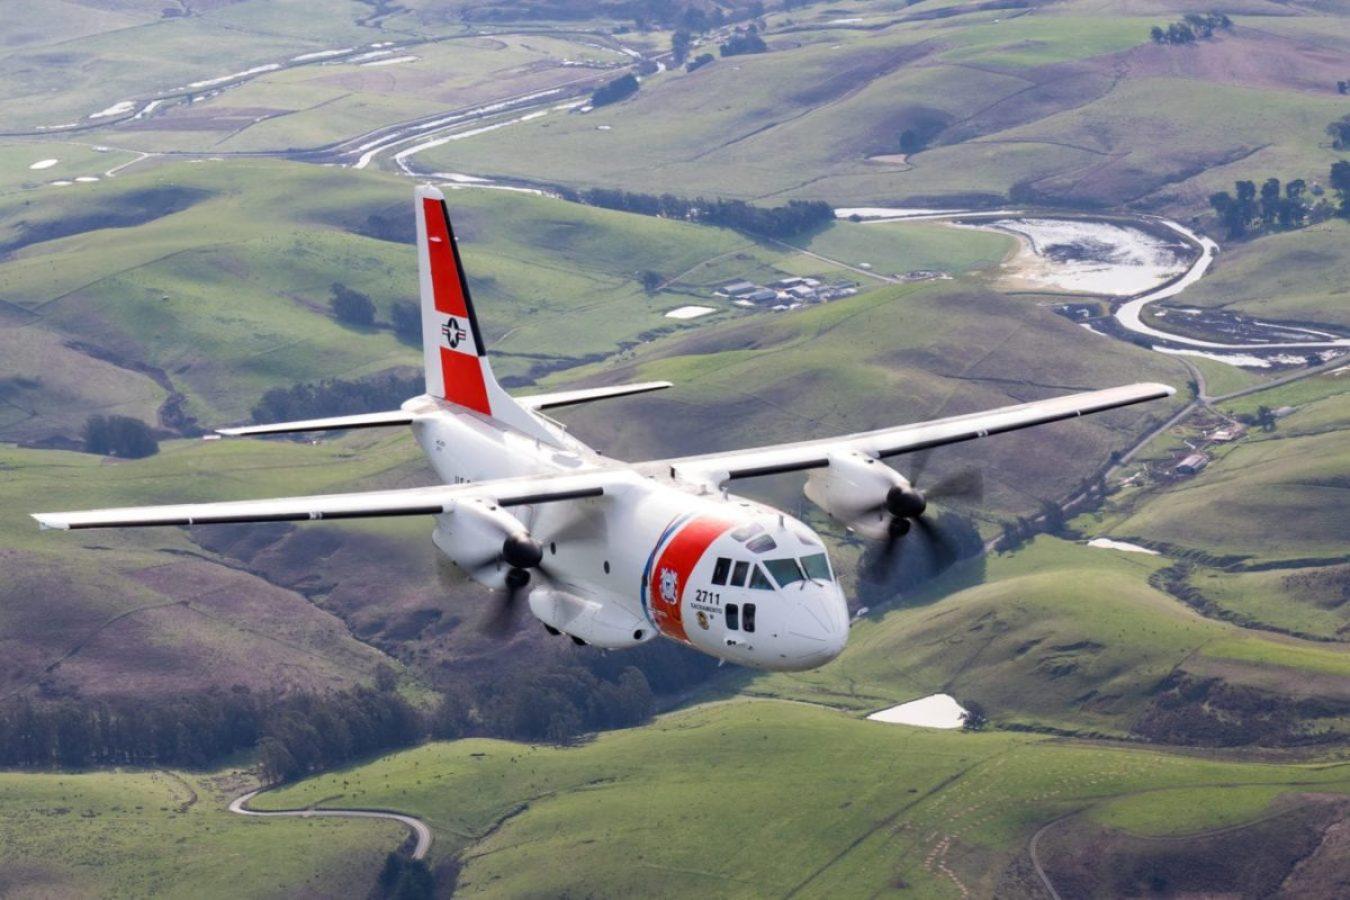 A Coast Guard C-27J aircrew, assigned to Coast Guard Air Station Sacramento, flies along the California coastline during area familiarization training, Feb. 6, 2018.